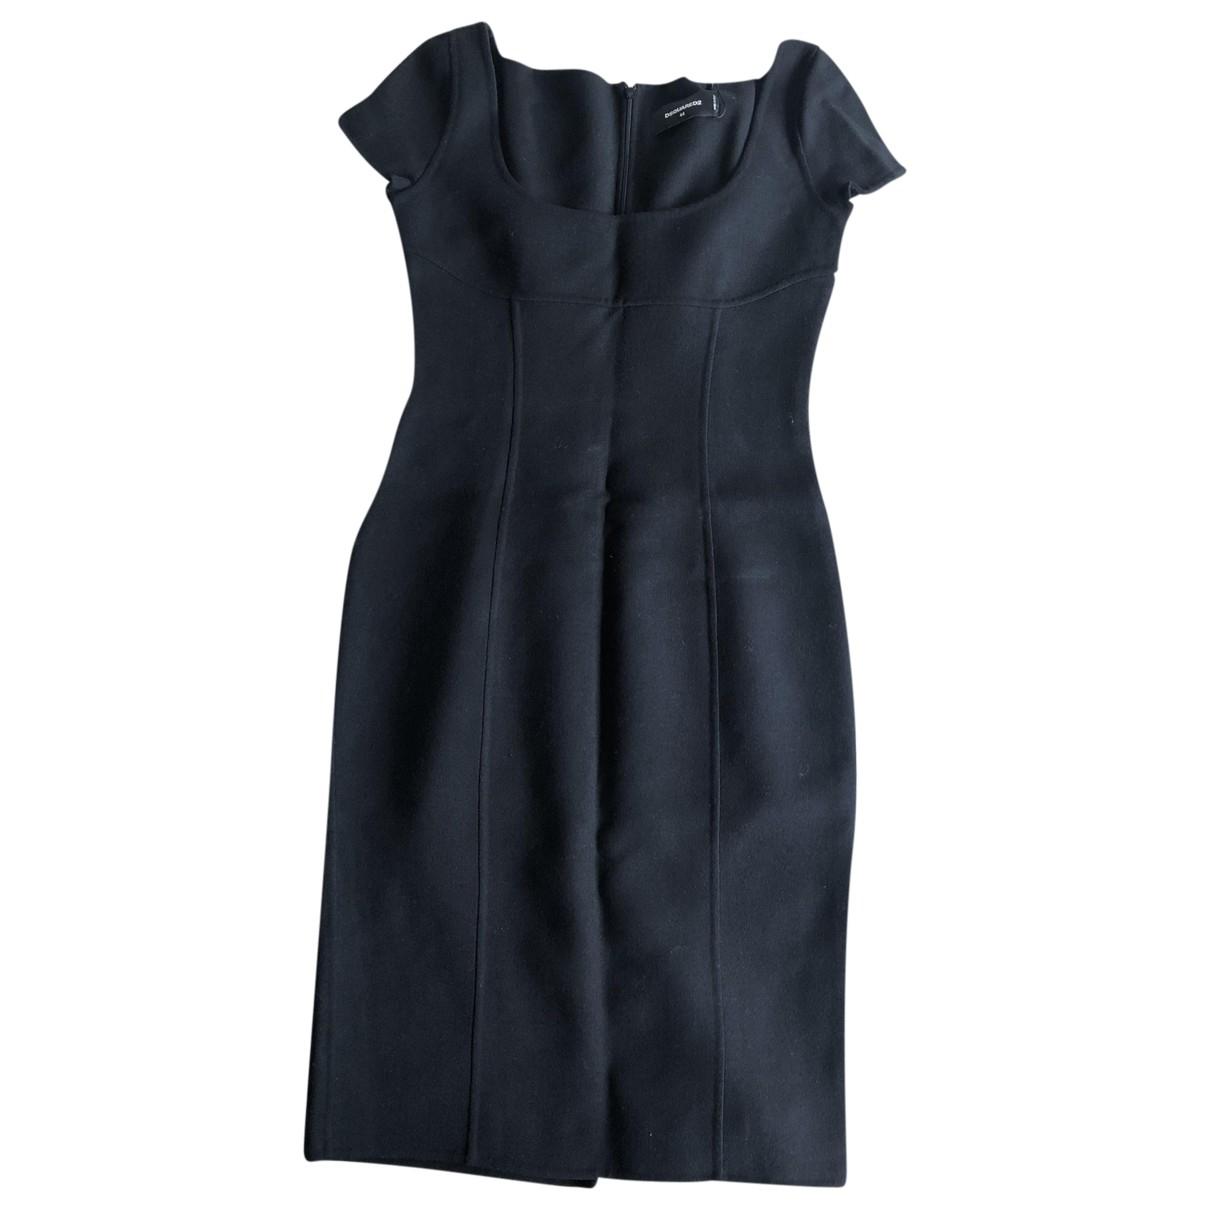 Dsquared2 \N Black Wool dress for Women 44 IT